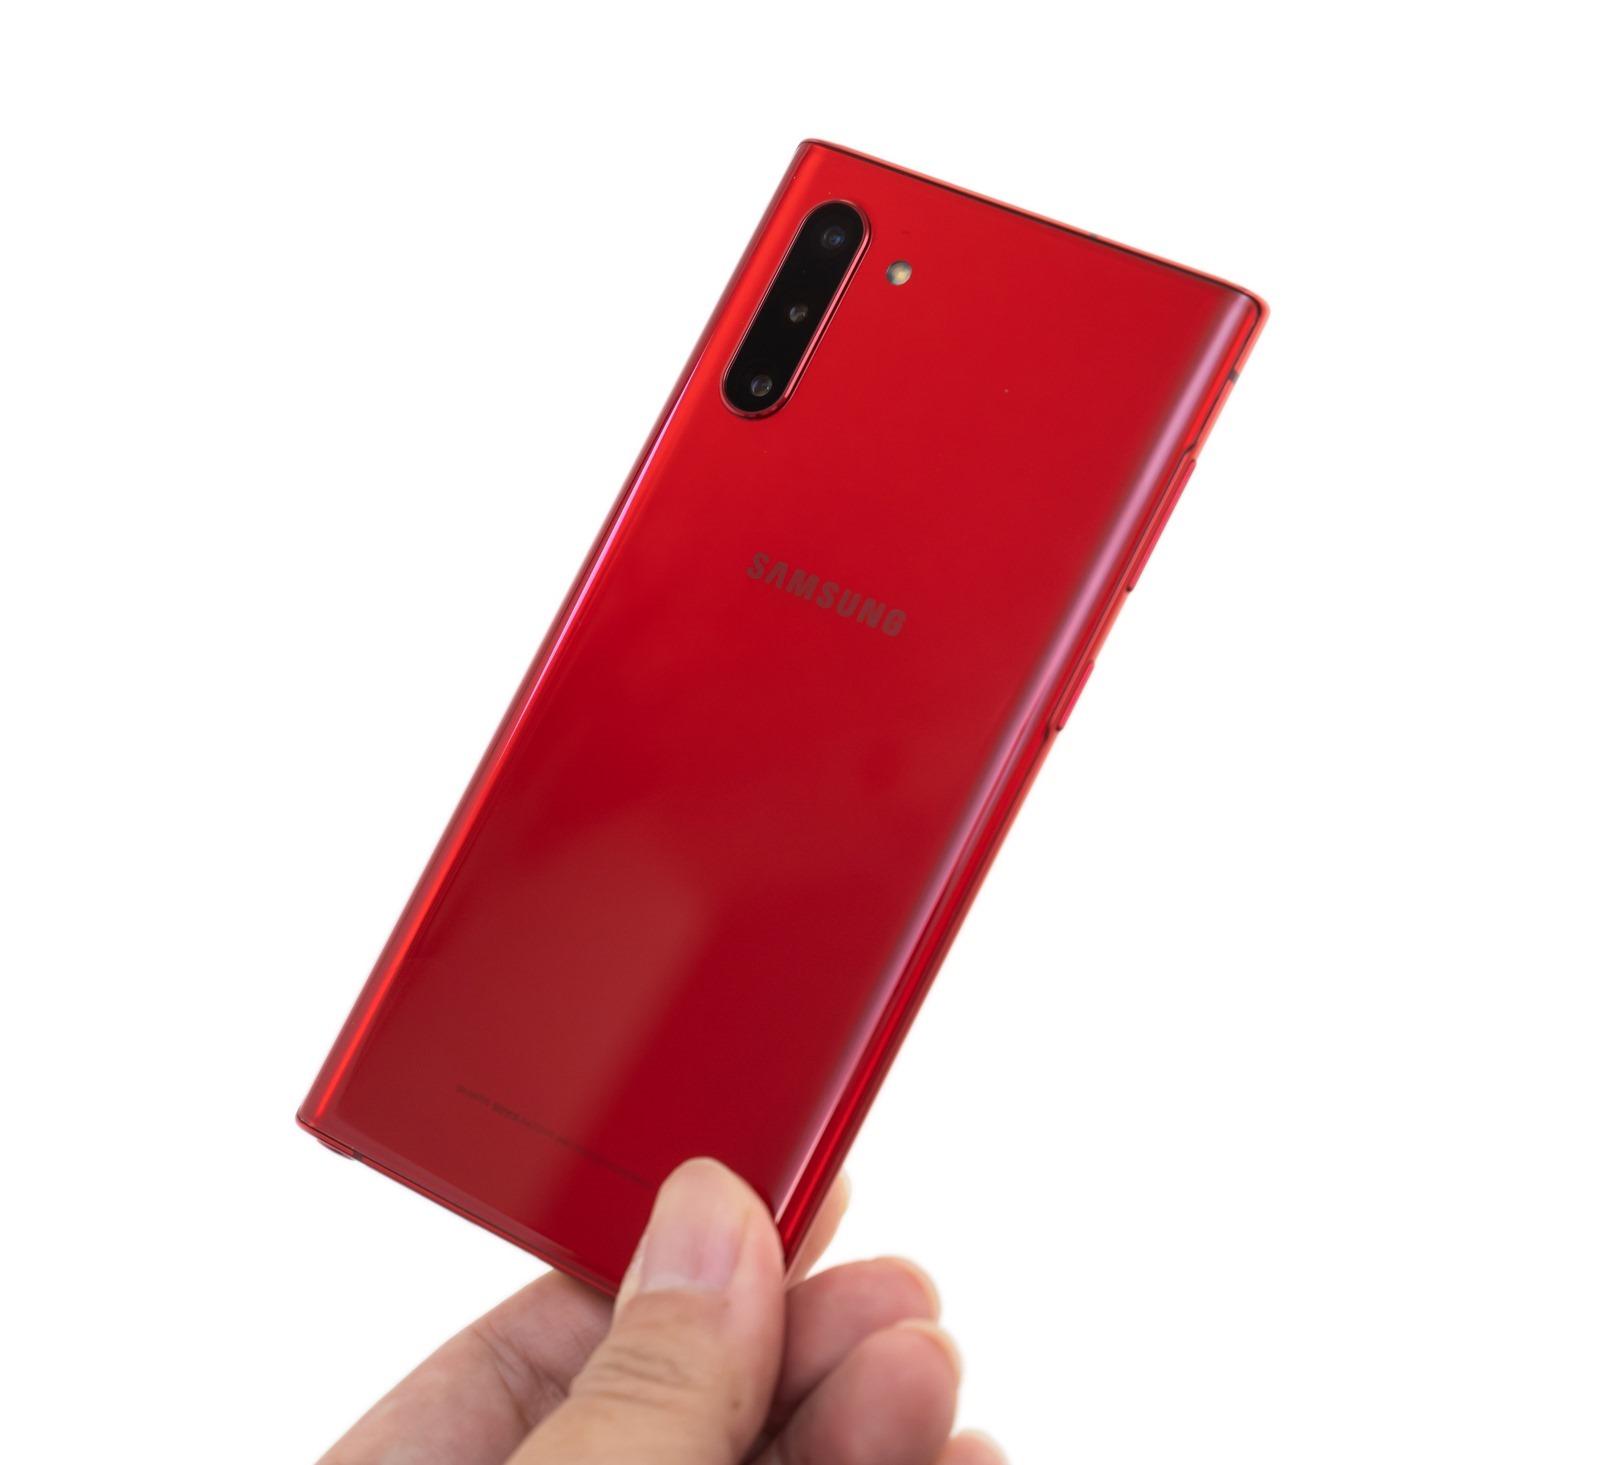 超美三星 Galaxy Note 10 紅色機看過沒?沒看過實機開箱給你看! @3C 達人廖阿輝